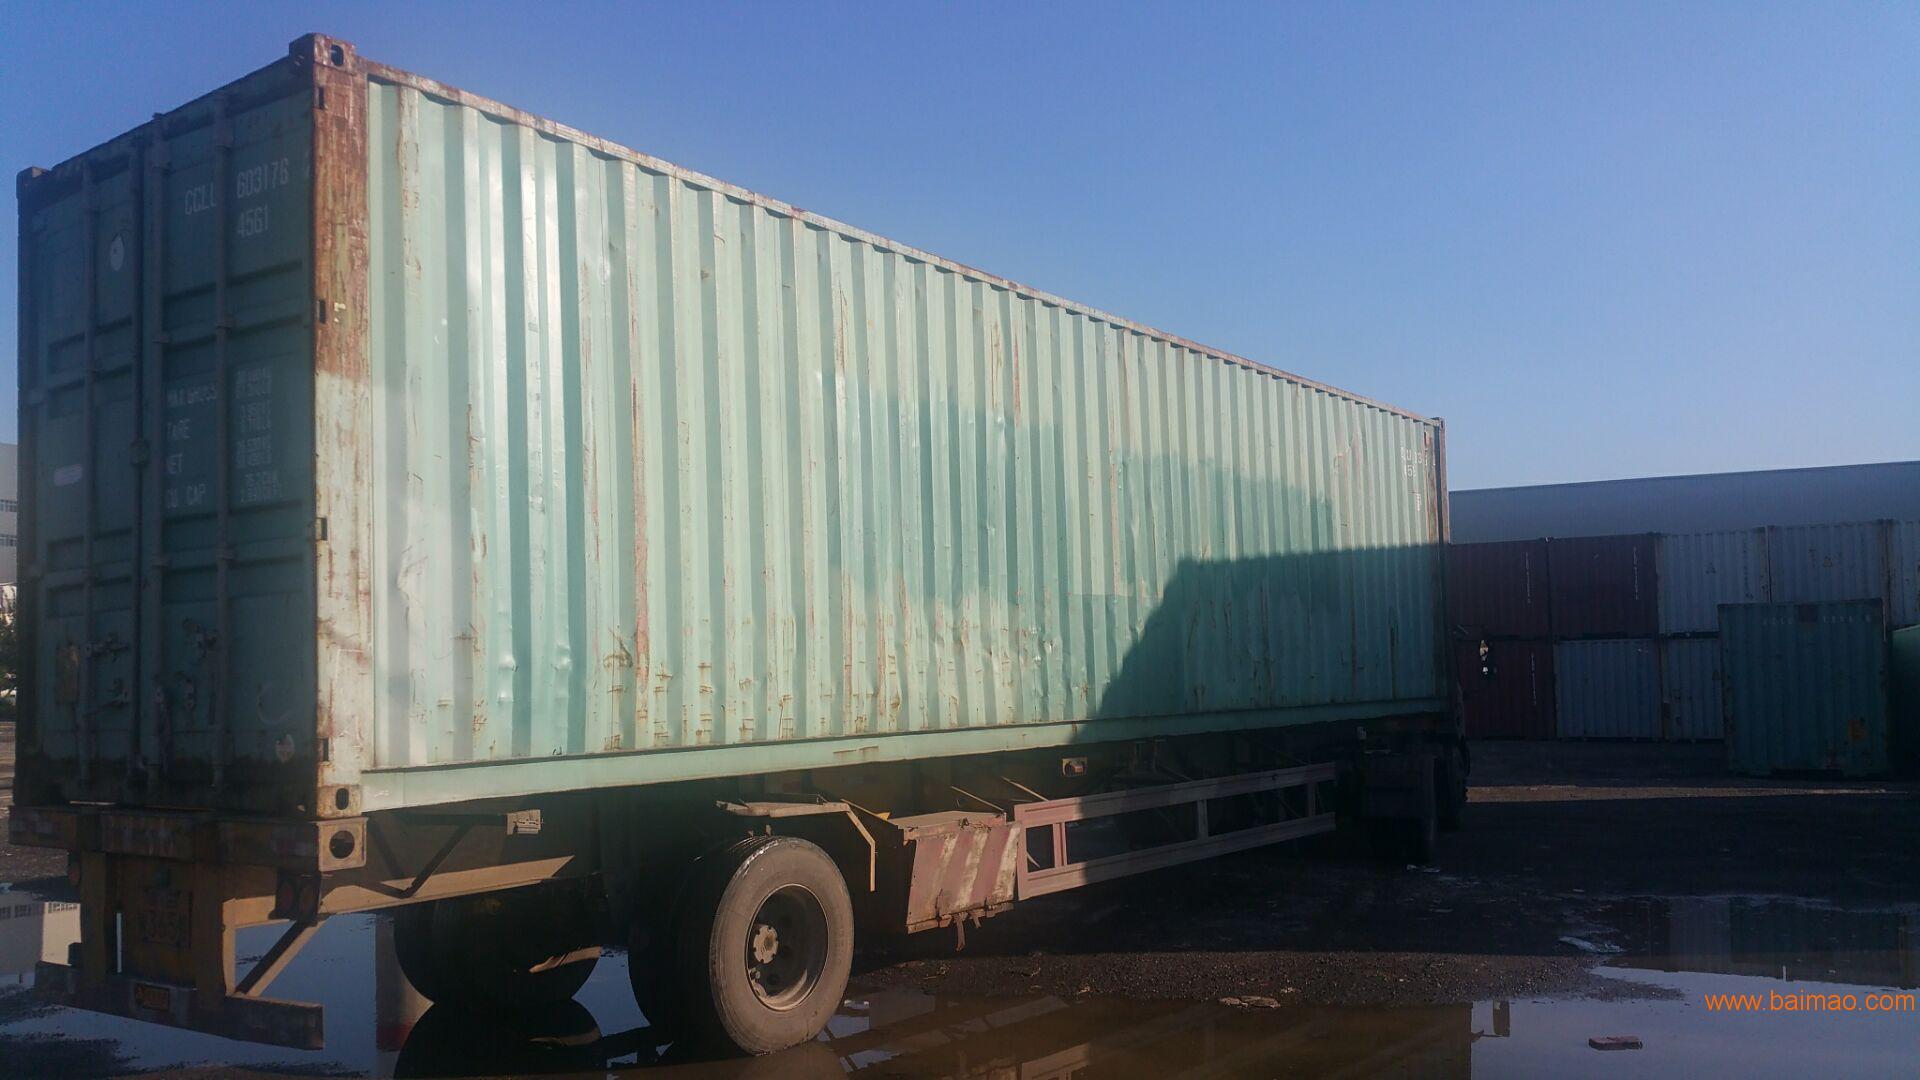 出售与租赁、改造二手集装箱 冷藏箱 干货箱